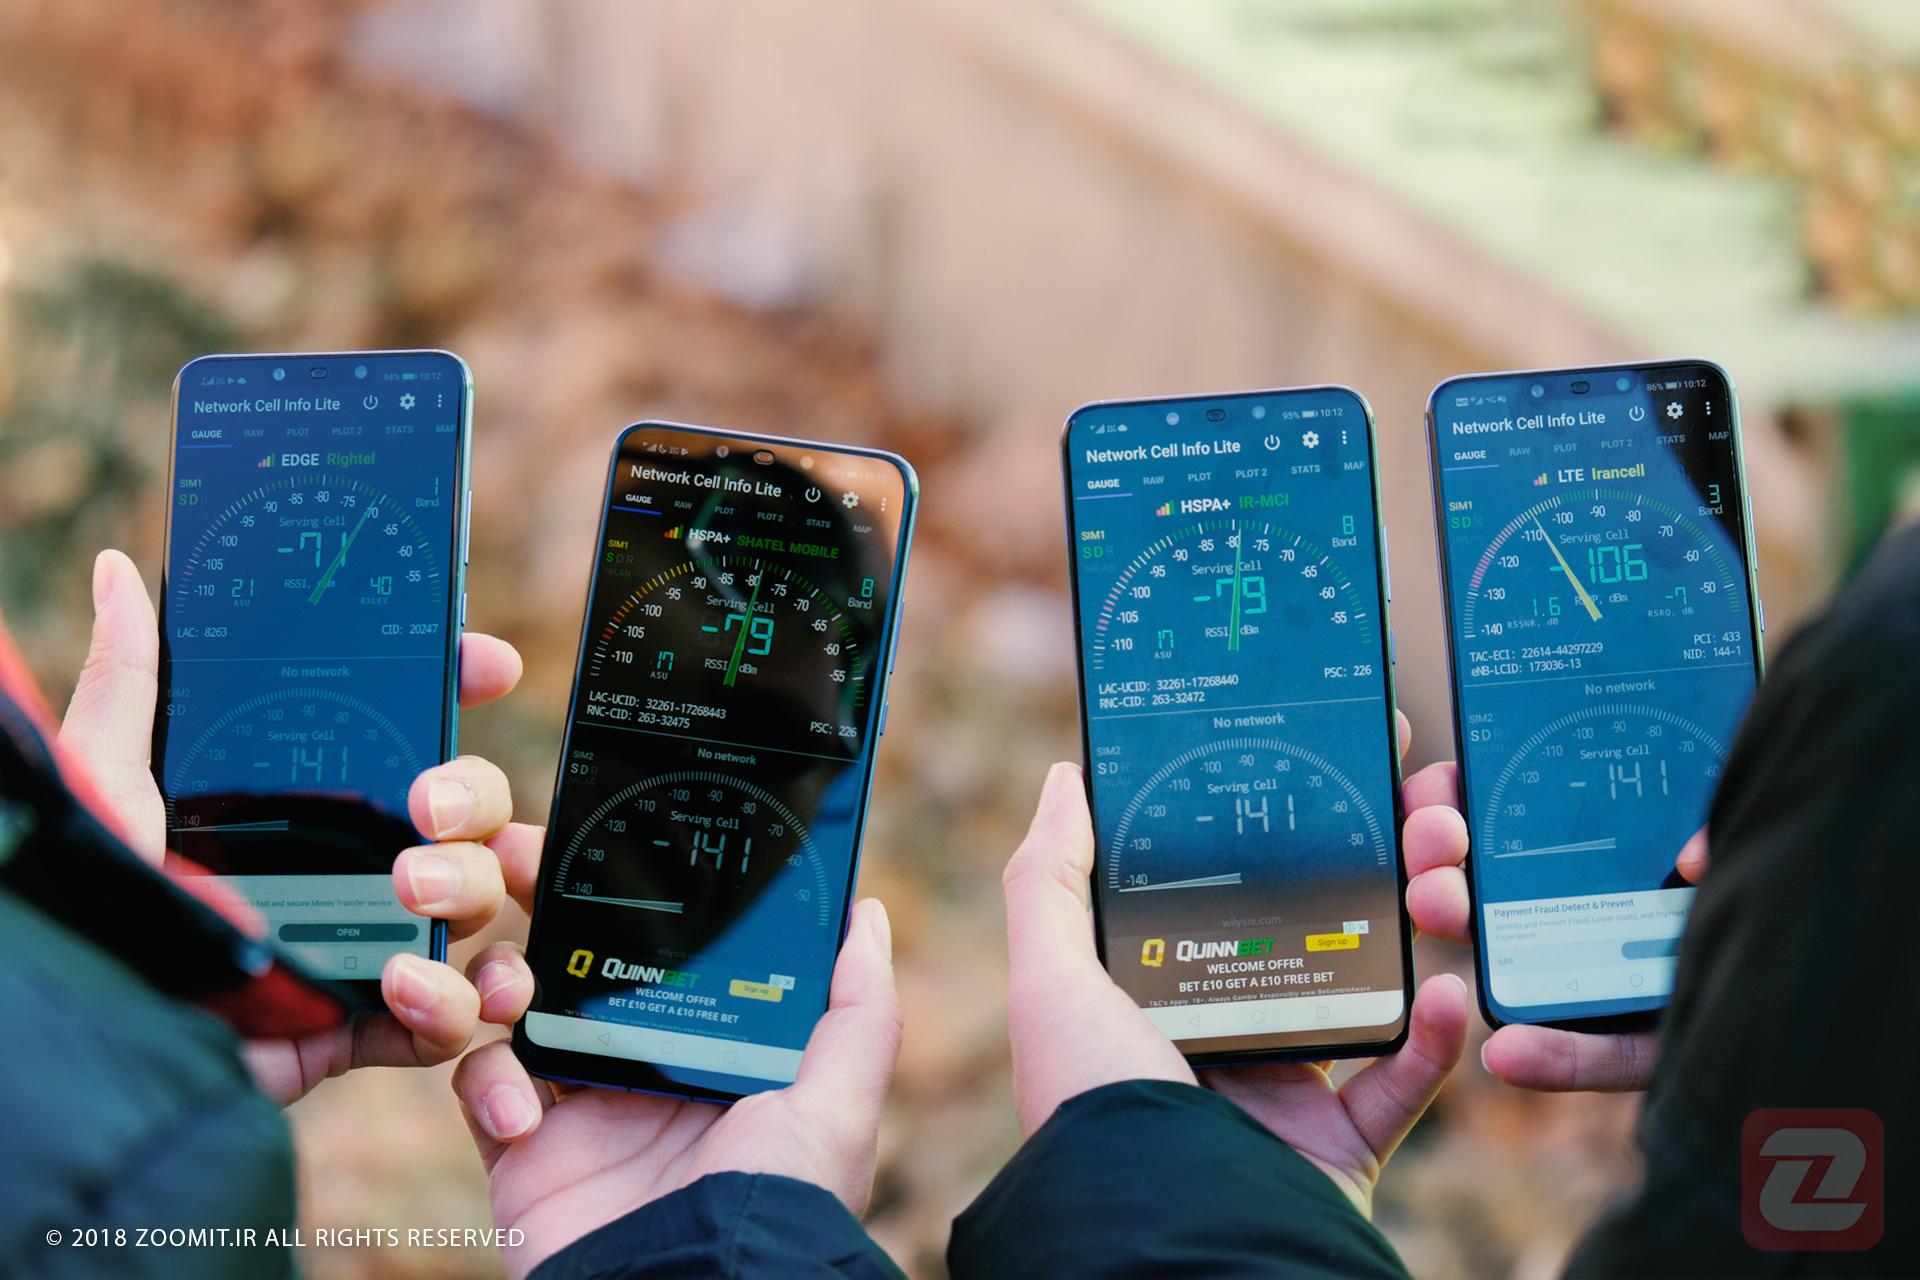 از تهران تا چالوس با نبرد اپراتورهای موبایل